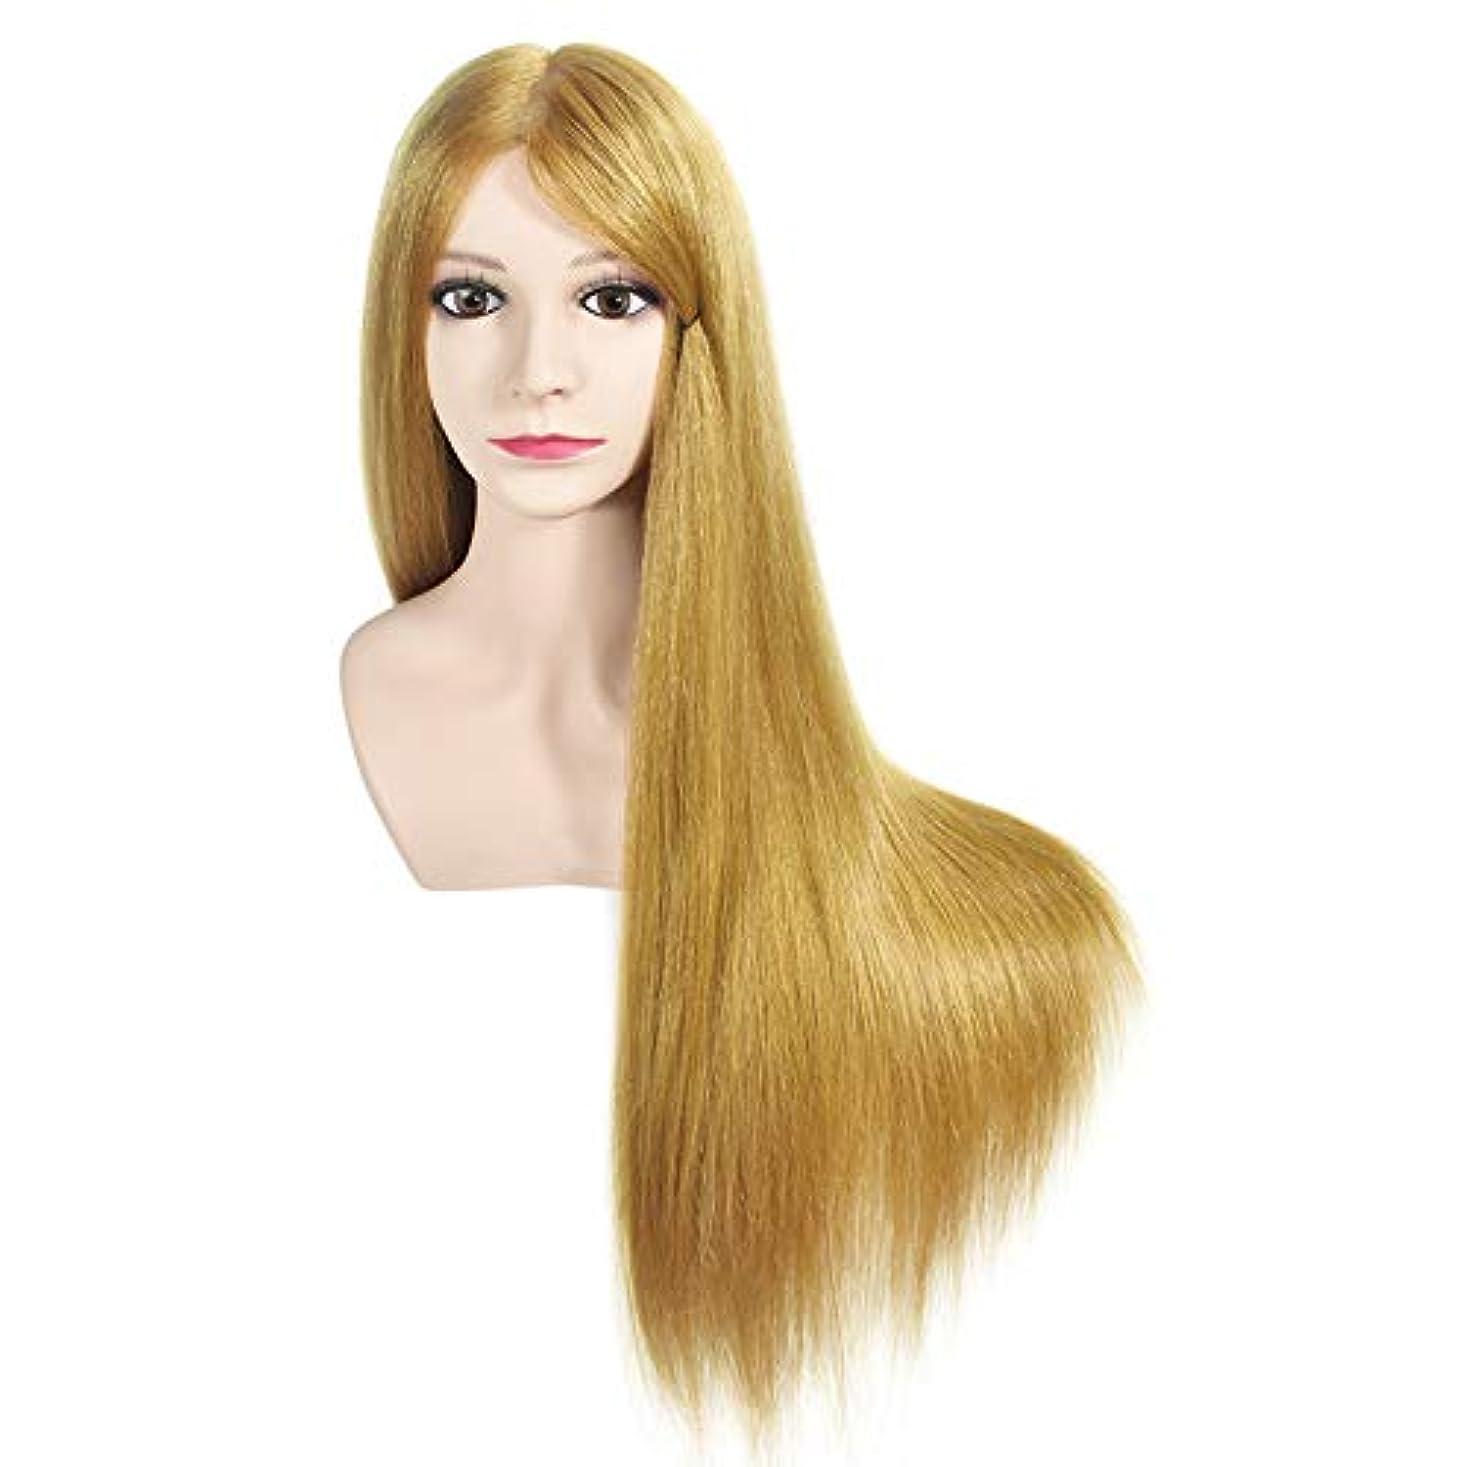 穀物他のバンドで飾り羽サロンヘアブレイド理髪指導ヘッドスタイリング散髪ダミーヘッド化粧学習ショルダーマネキンヘッド